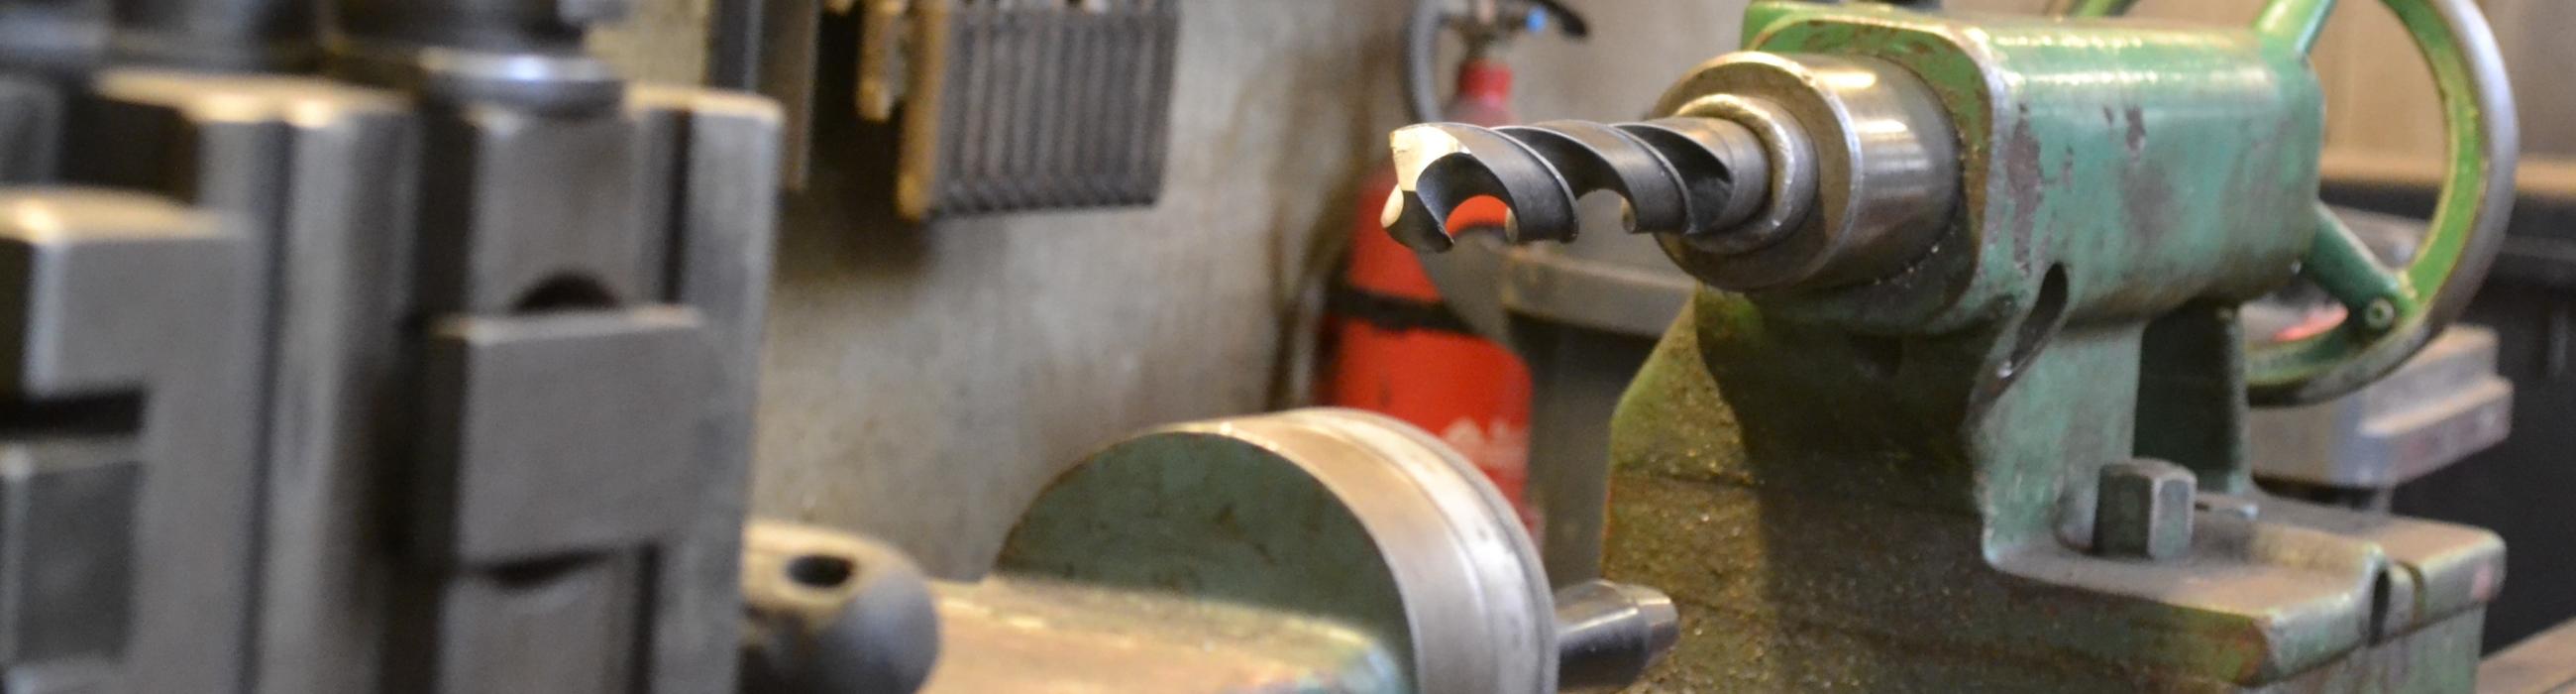 Stiholt Hydraulic Aalborg - vi har værktøjet i orden